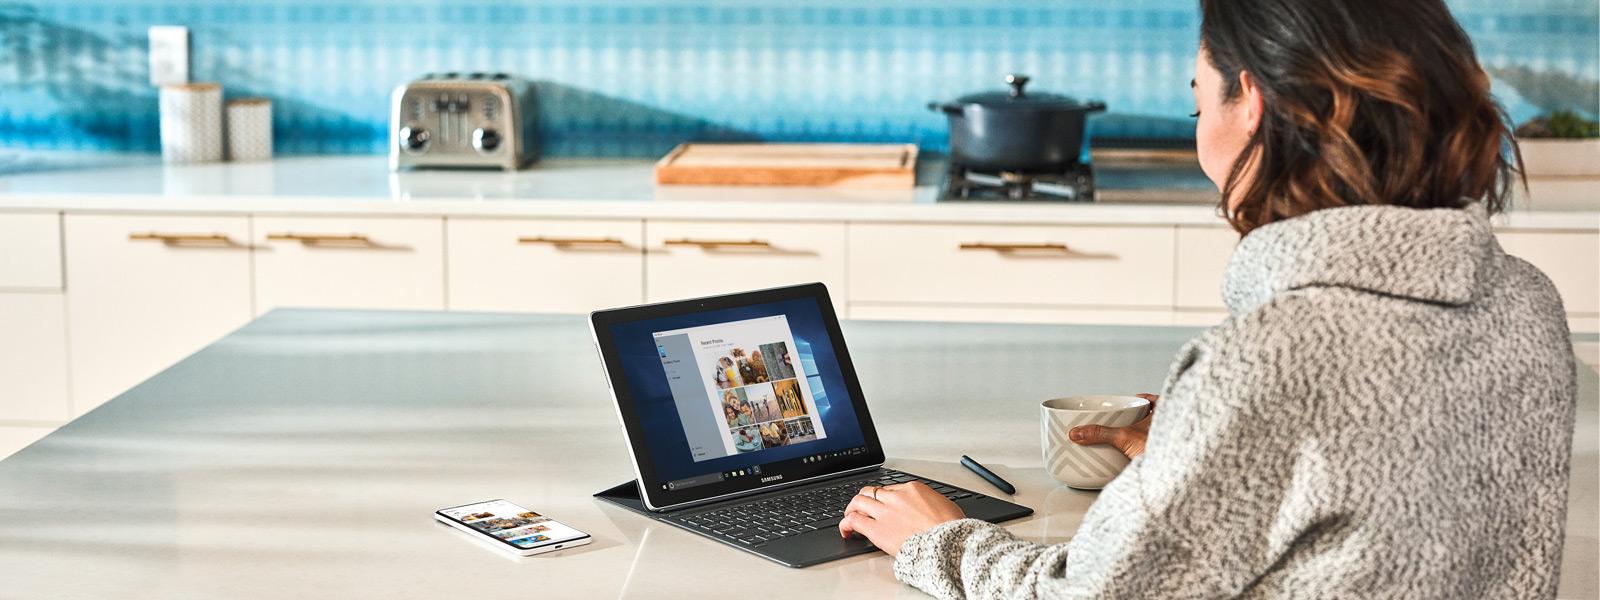 女性がキッチンカウンターに座って、携帯電話でWindows 10ラップトップコンピュータを使用